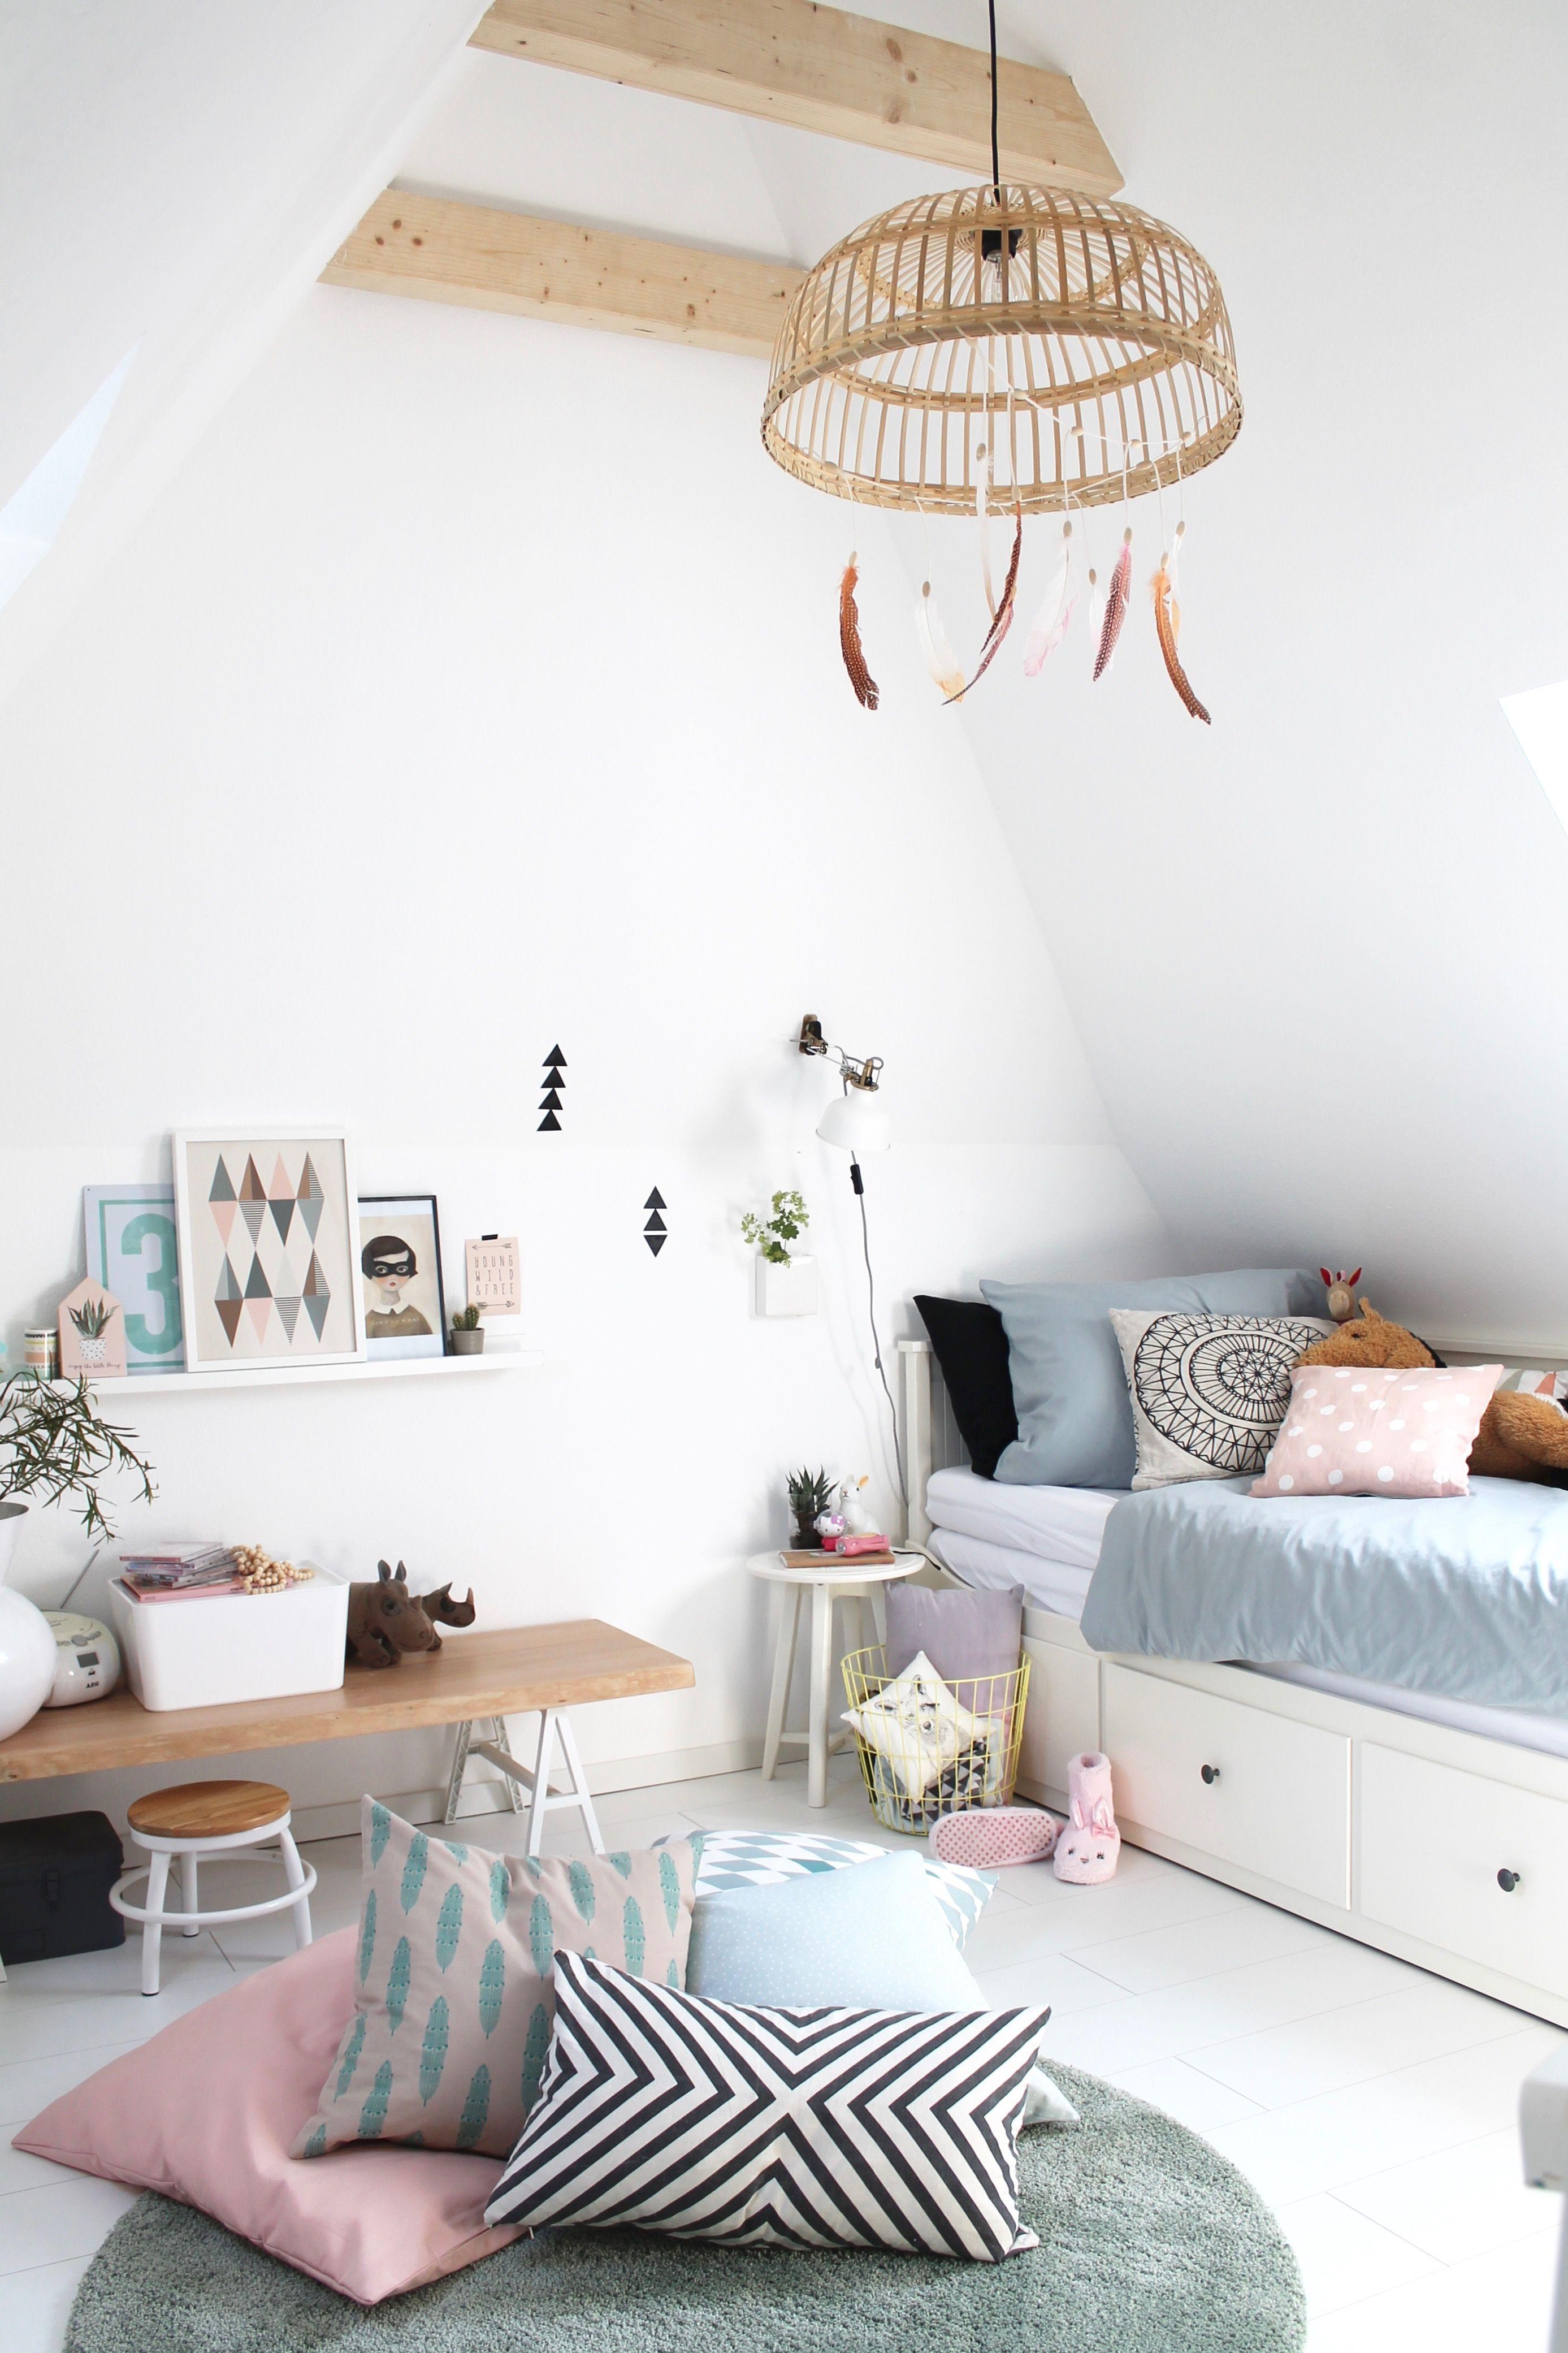 Haus vorderseite seitenwand design das hippietipikinderzimmer für emma in   zimmer  pinterest